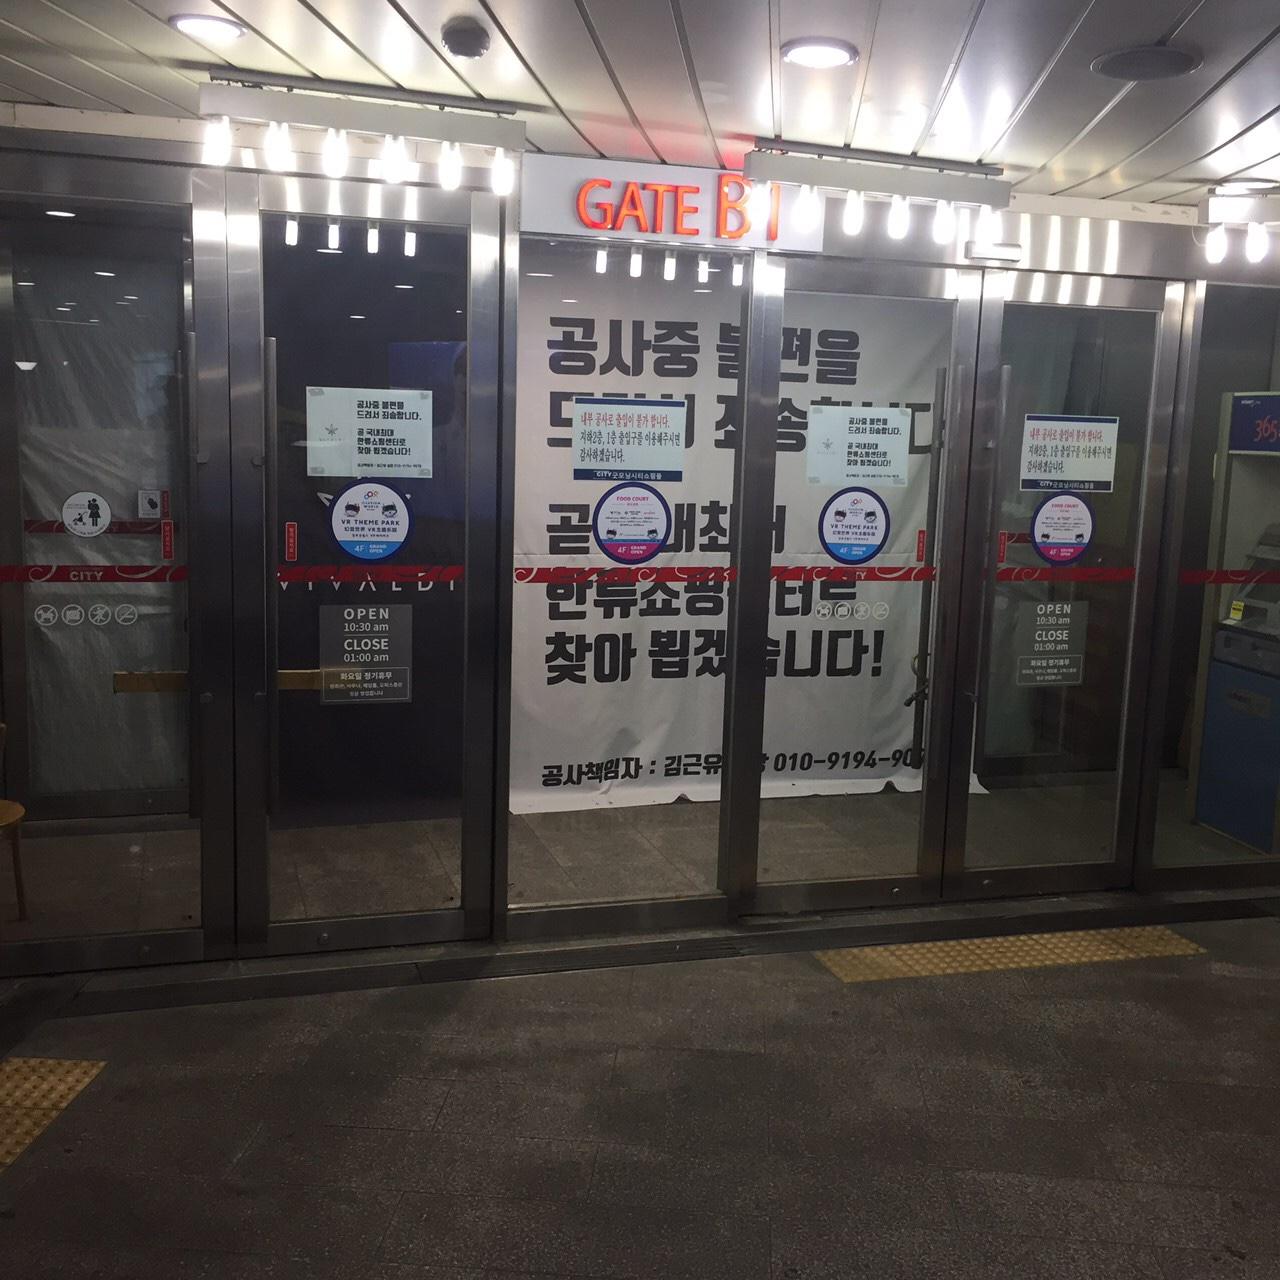 スパレックス東大門 入り口 地下鉄